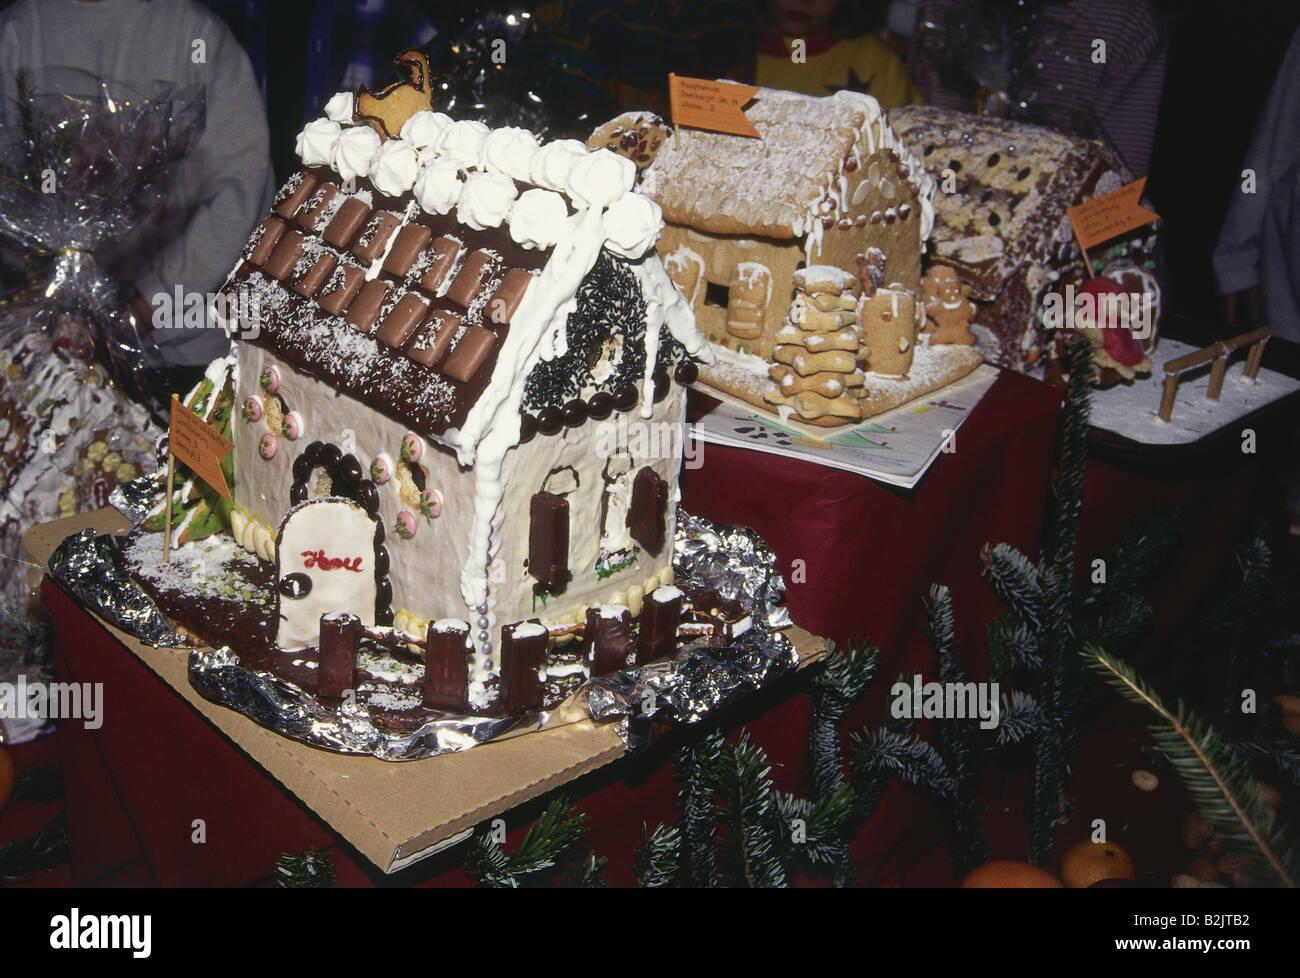 Weihnachten Geback Pfeffer Kuchen Haus Backen Wettbewerb Munchen